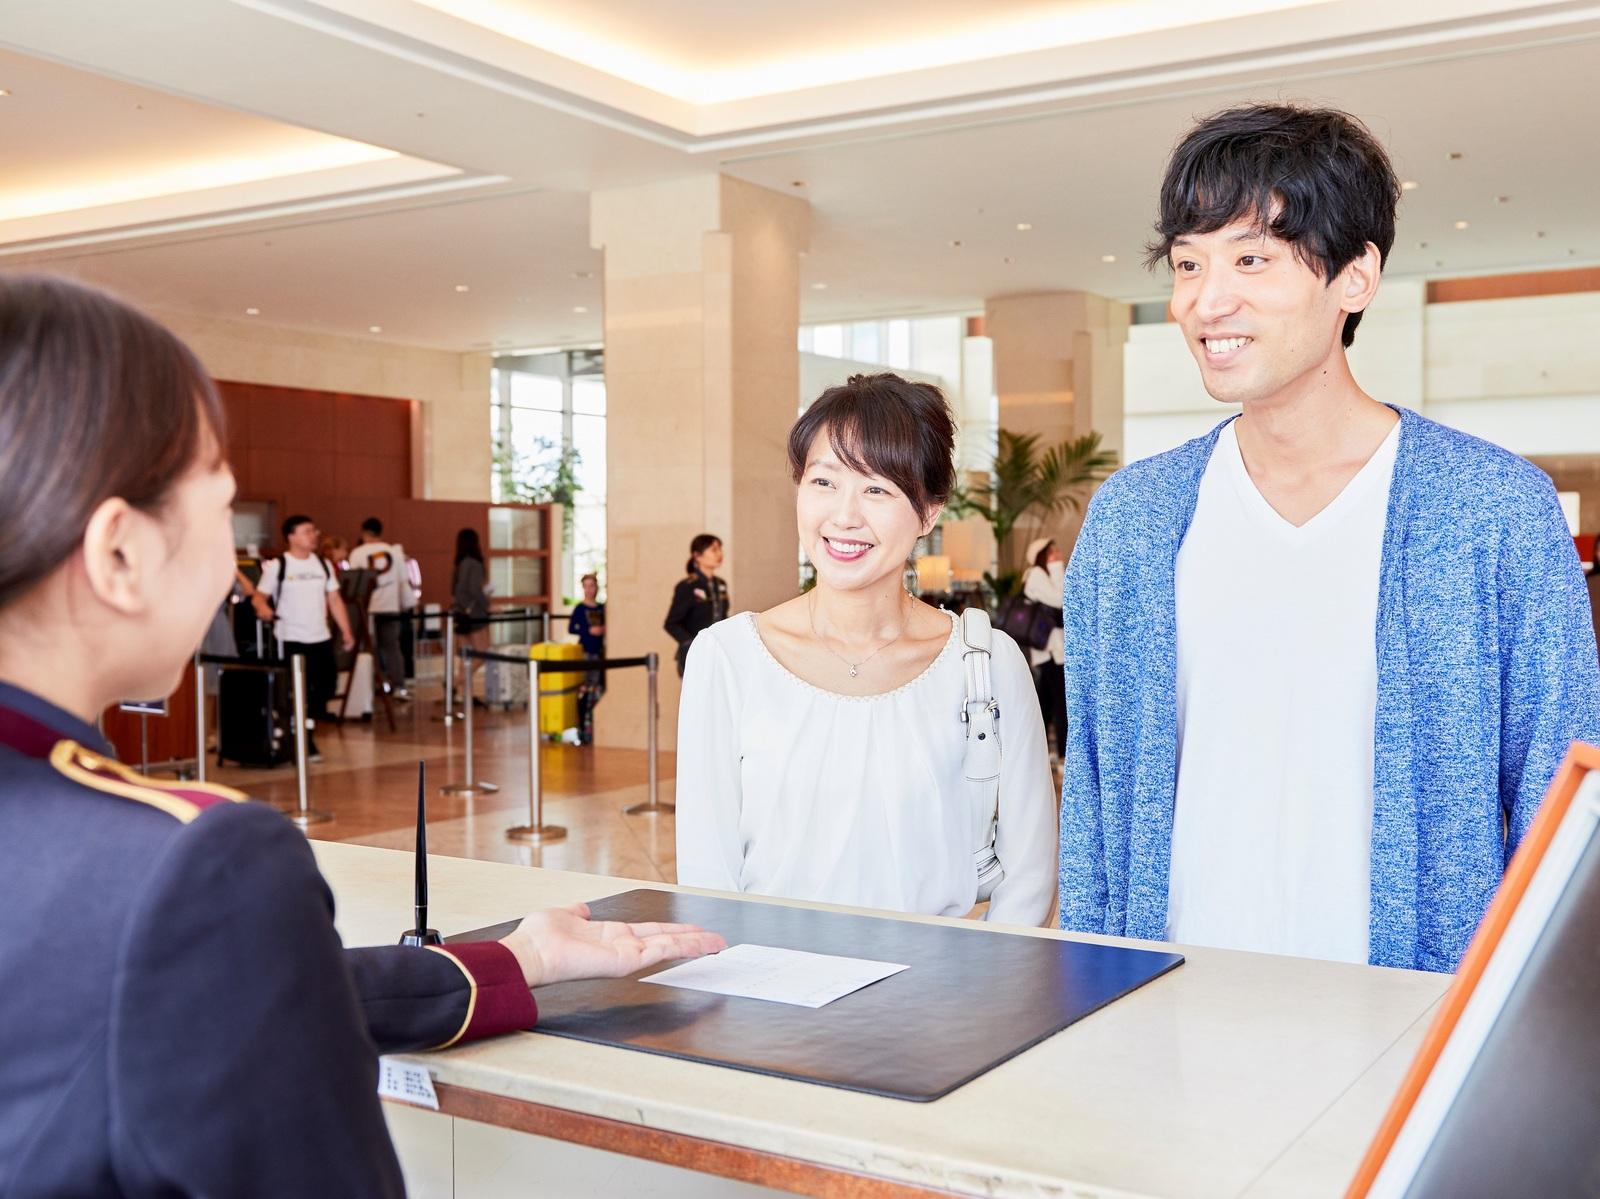 ホテル京阪 ユニバーサル・タワー / 【航空券とホテルを一気に予約♪】わくわく☆ホテルステイ<食事なし>